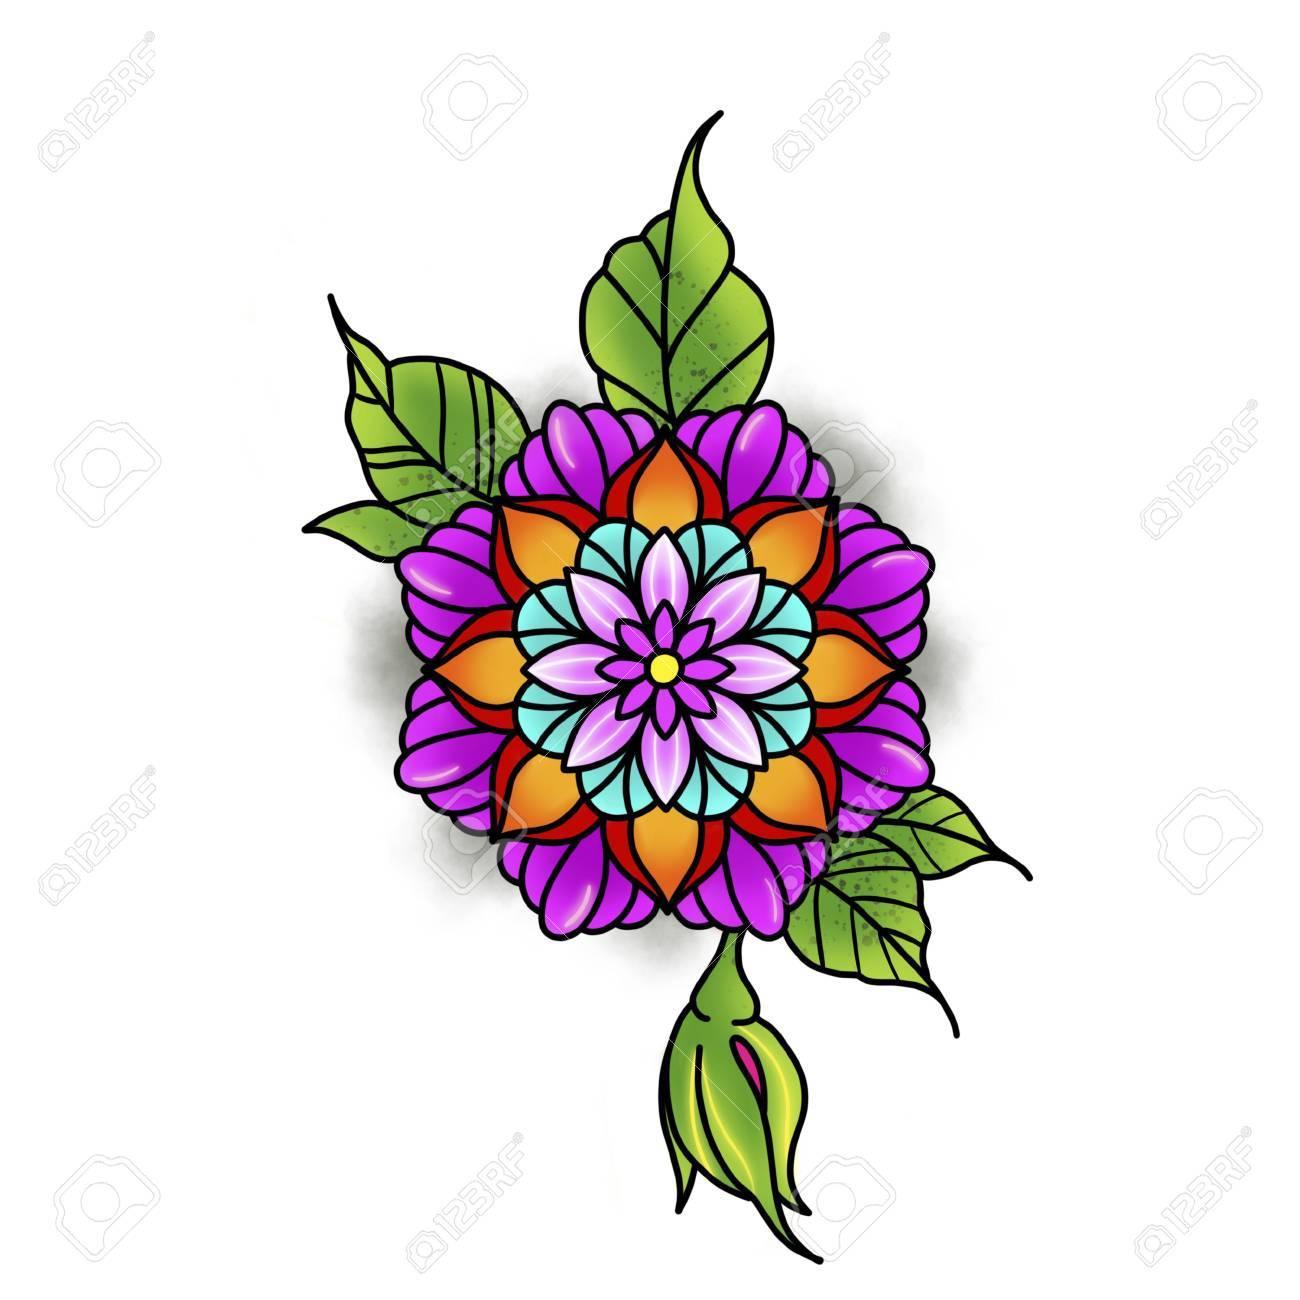 Flower mandala. Vintage decorative element. Islam, Arabic, Indian, ottoman motifs. Banque d'images - 84371941